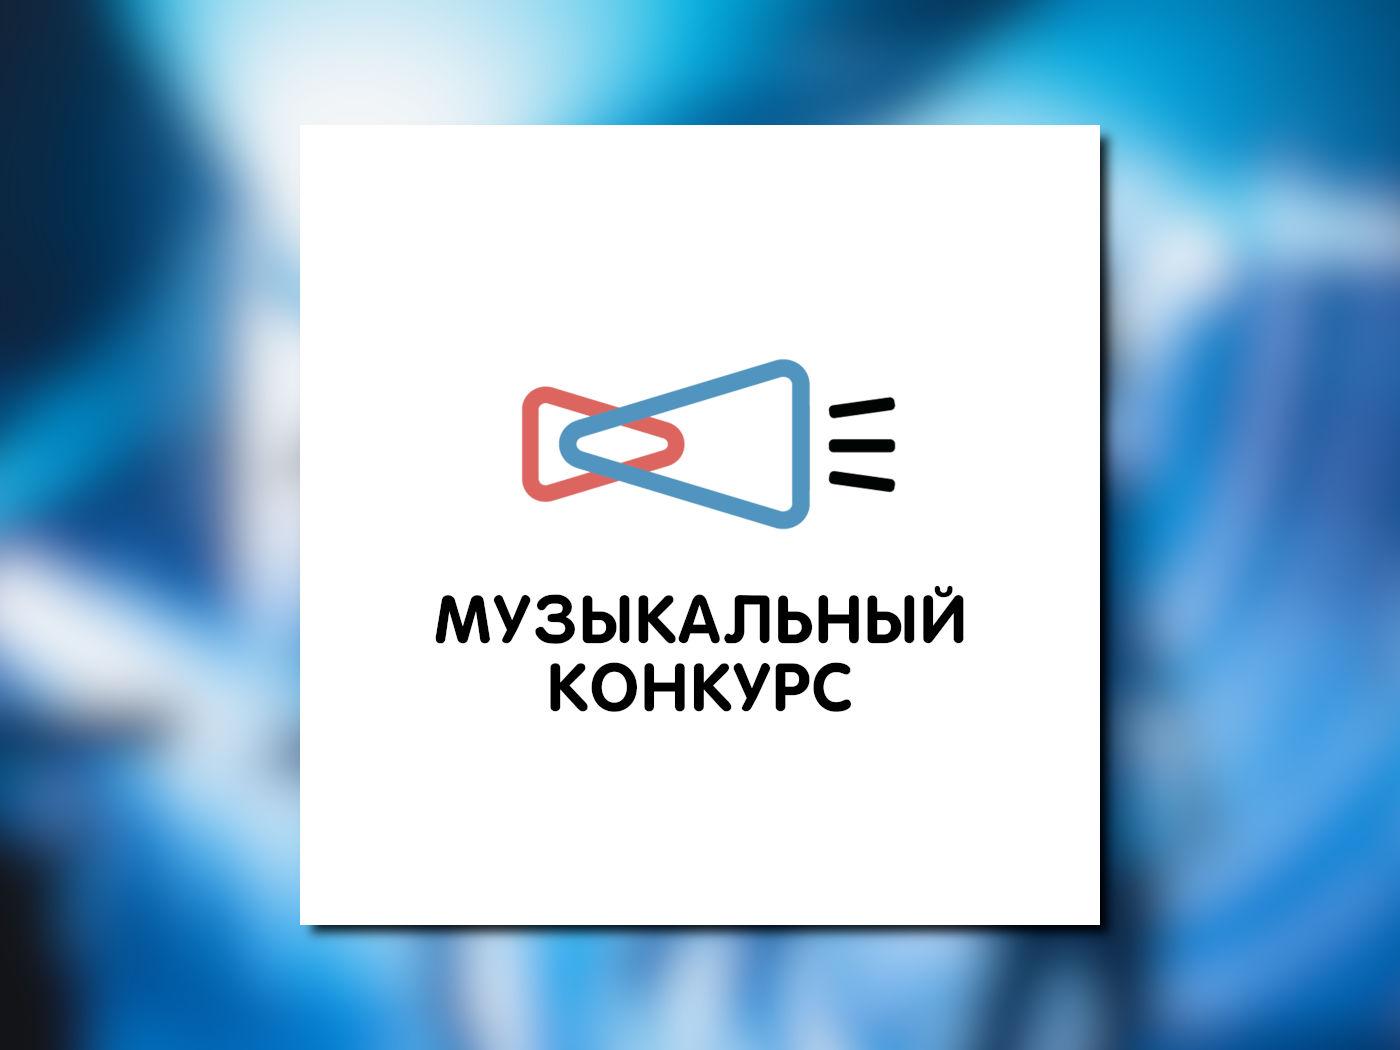 Всероссийский музыкальный конкурс авторов и молодых исполнителей начал приём заявок на участие